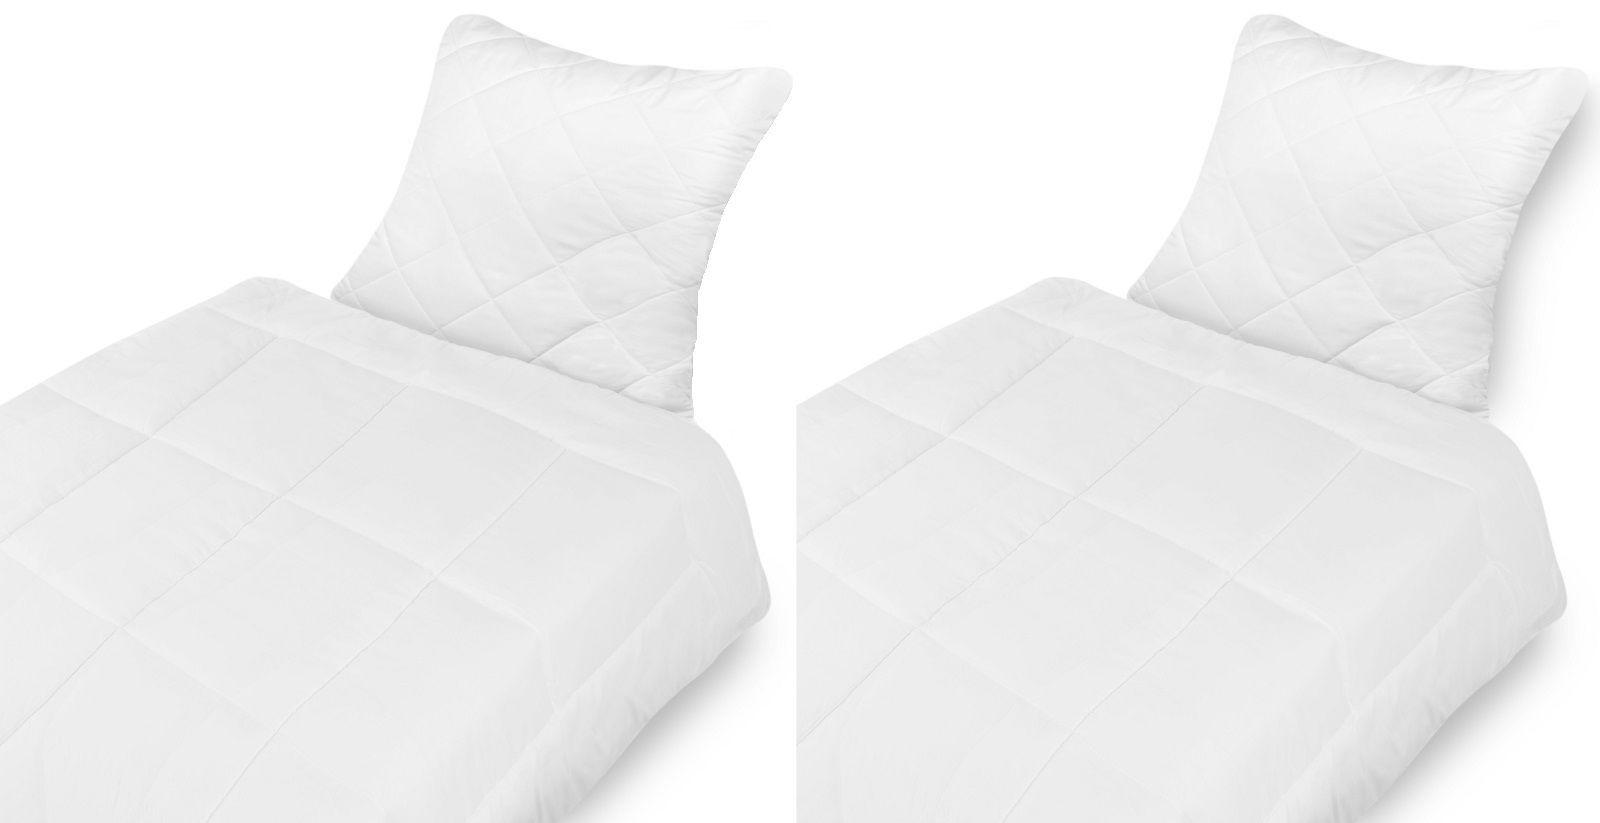 2x Qualitäts Microfaser Bettenset Kopfkissen (80x80 cm) + Bettdecke (135x200cm) Wohlfühlset waschbar